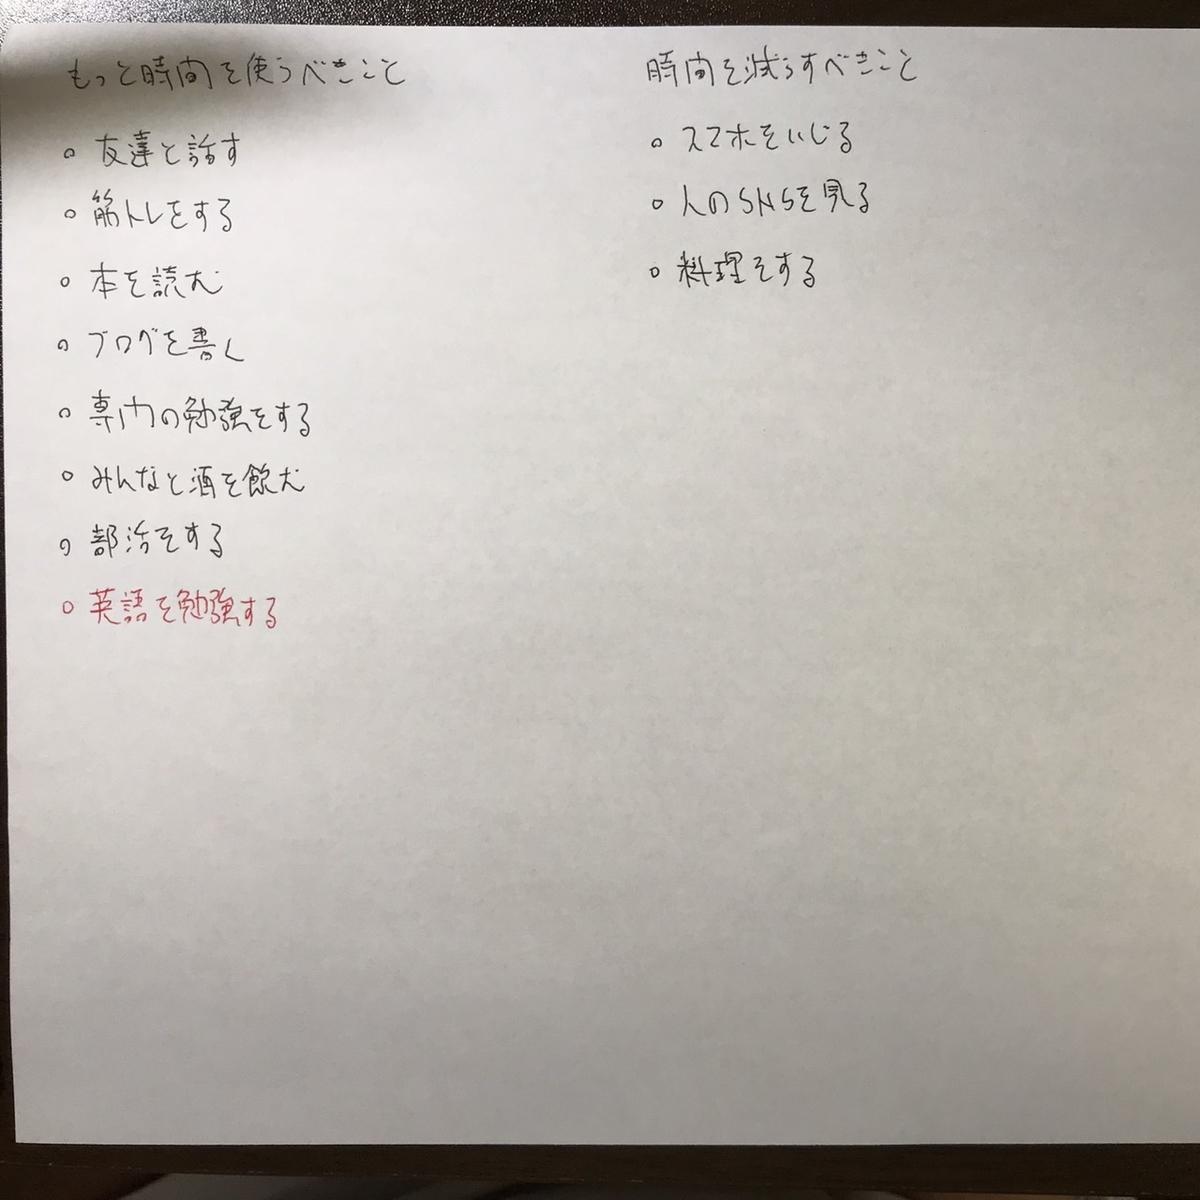 f:id:kazukjudo:20190913224221j:plain